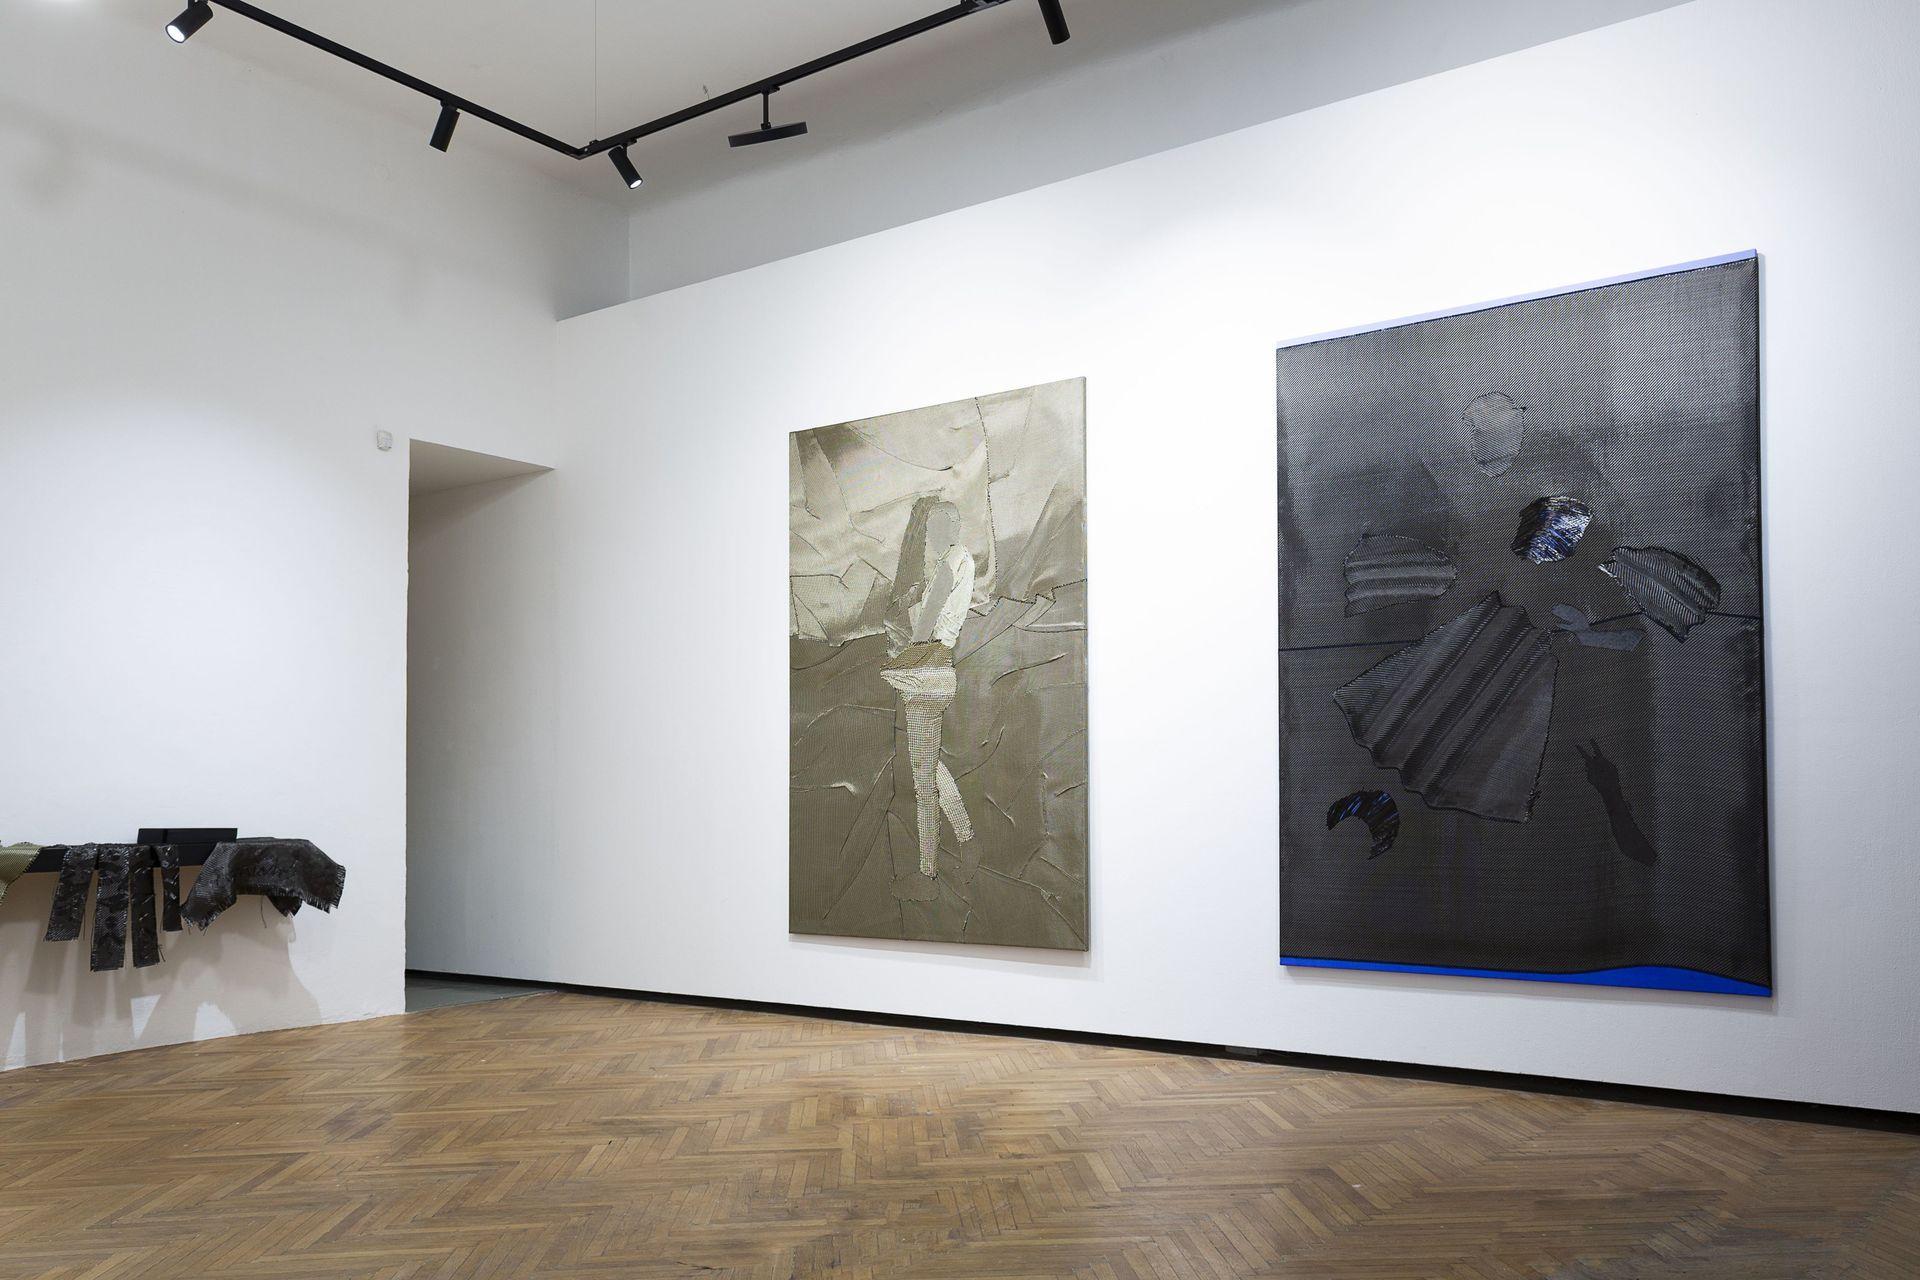 Watkins_Peter_Display Gallery-01a.jpg